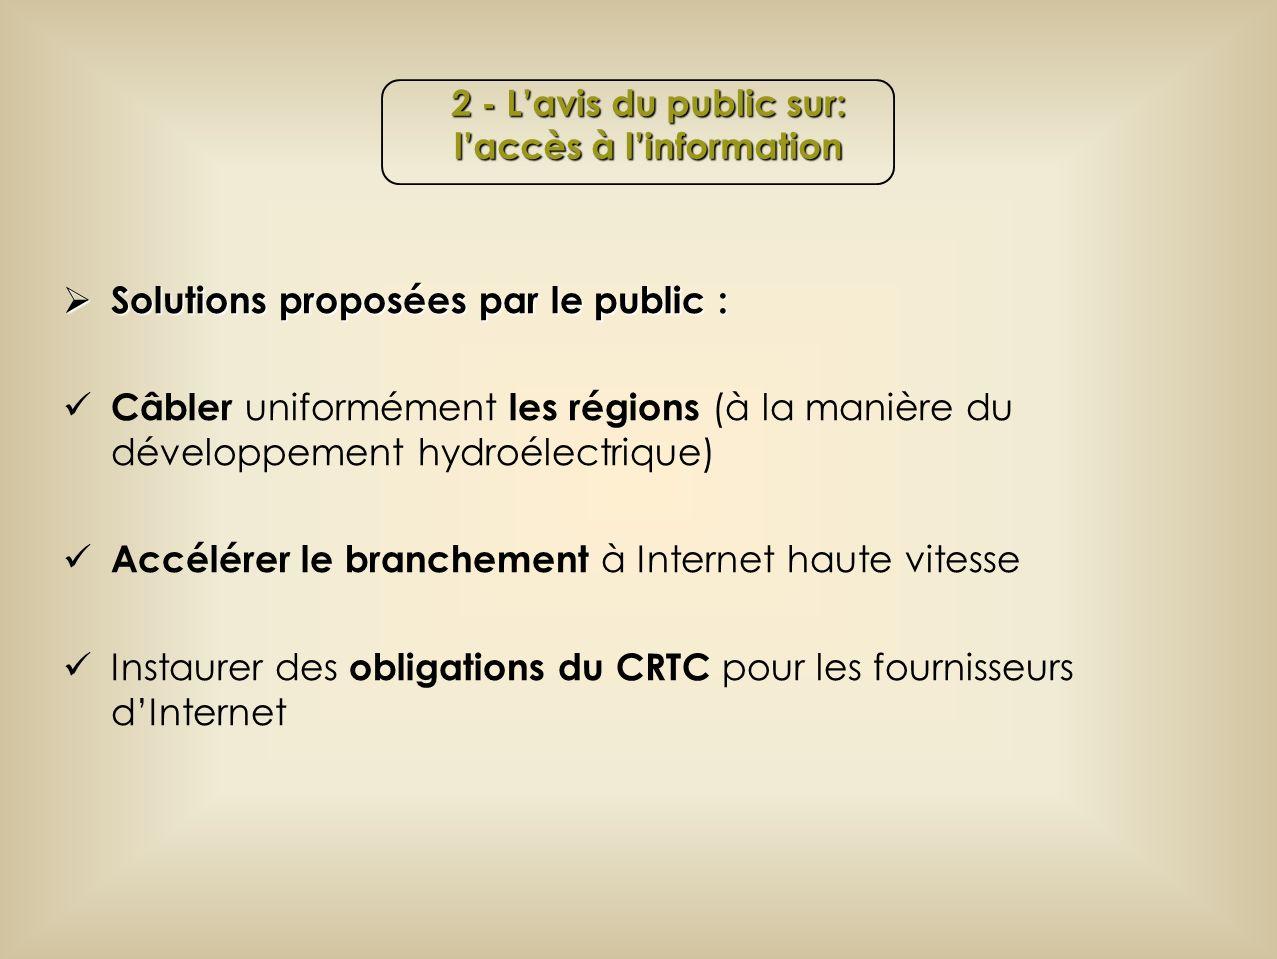 Solutions proposées par le public : Solutions proposées par le public : Câbler uniformément les régions (à la manière du développement hydroélectrique) Accélérer le branchement à Internet haute vitesse Instaurer des obligations du CRTC pour les fournisseurs dInternet 2 - Lavis du public sur: laccès à linformation